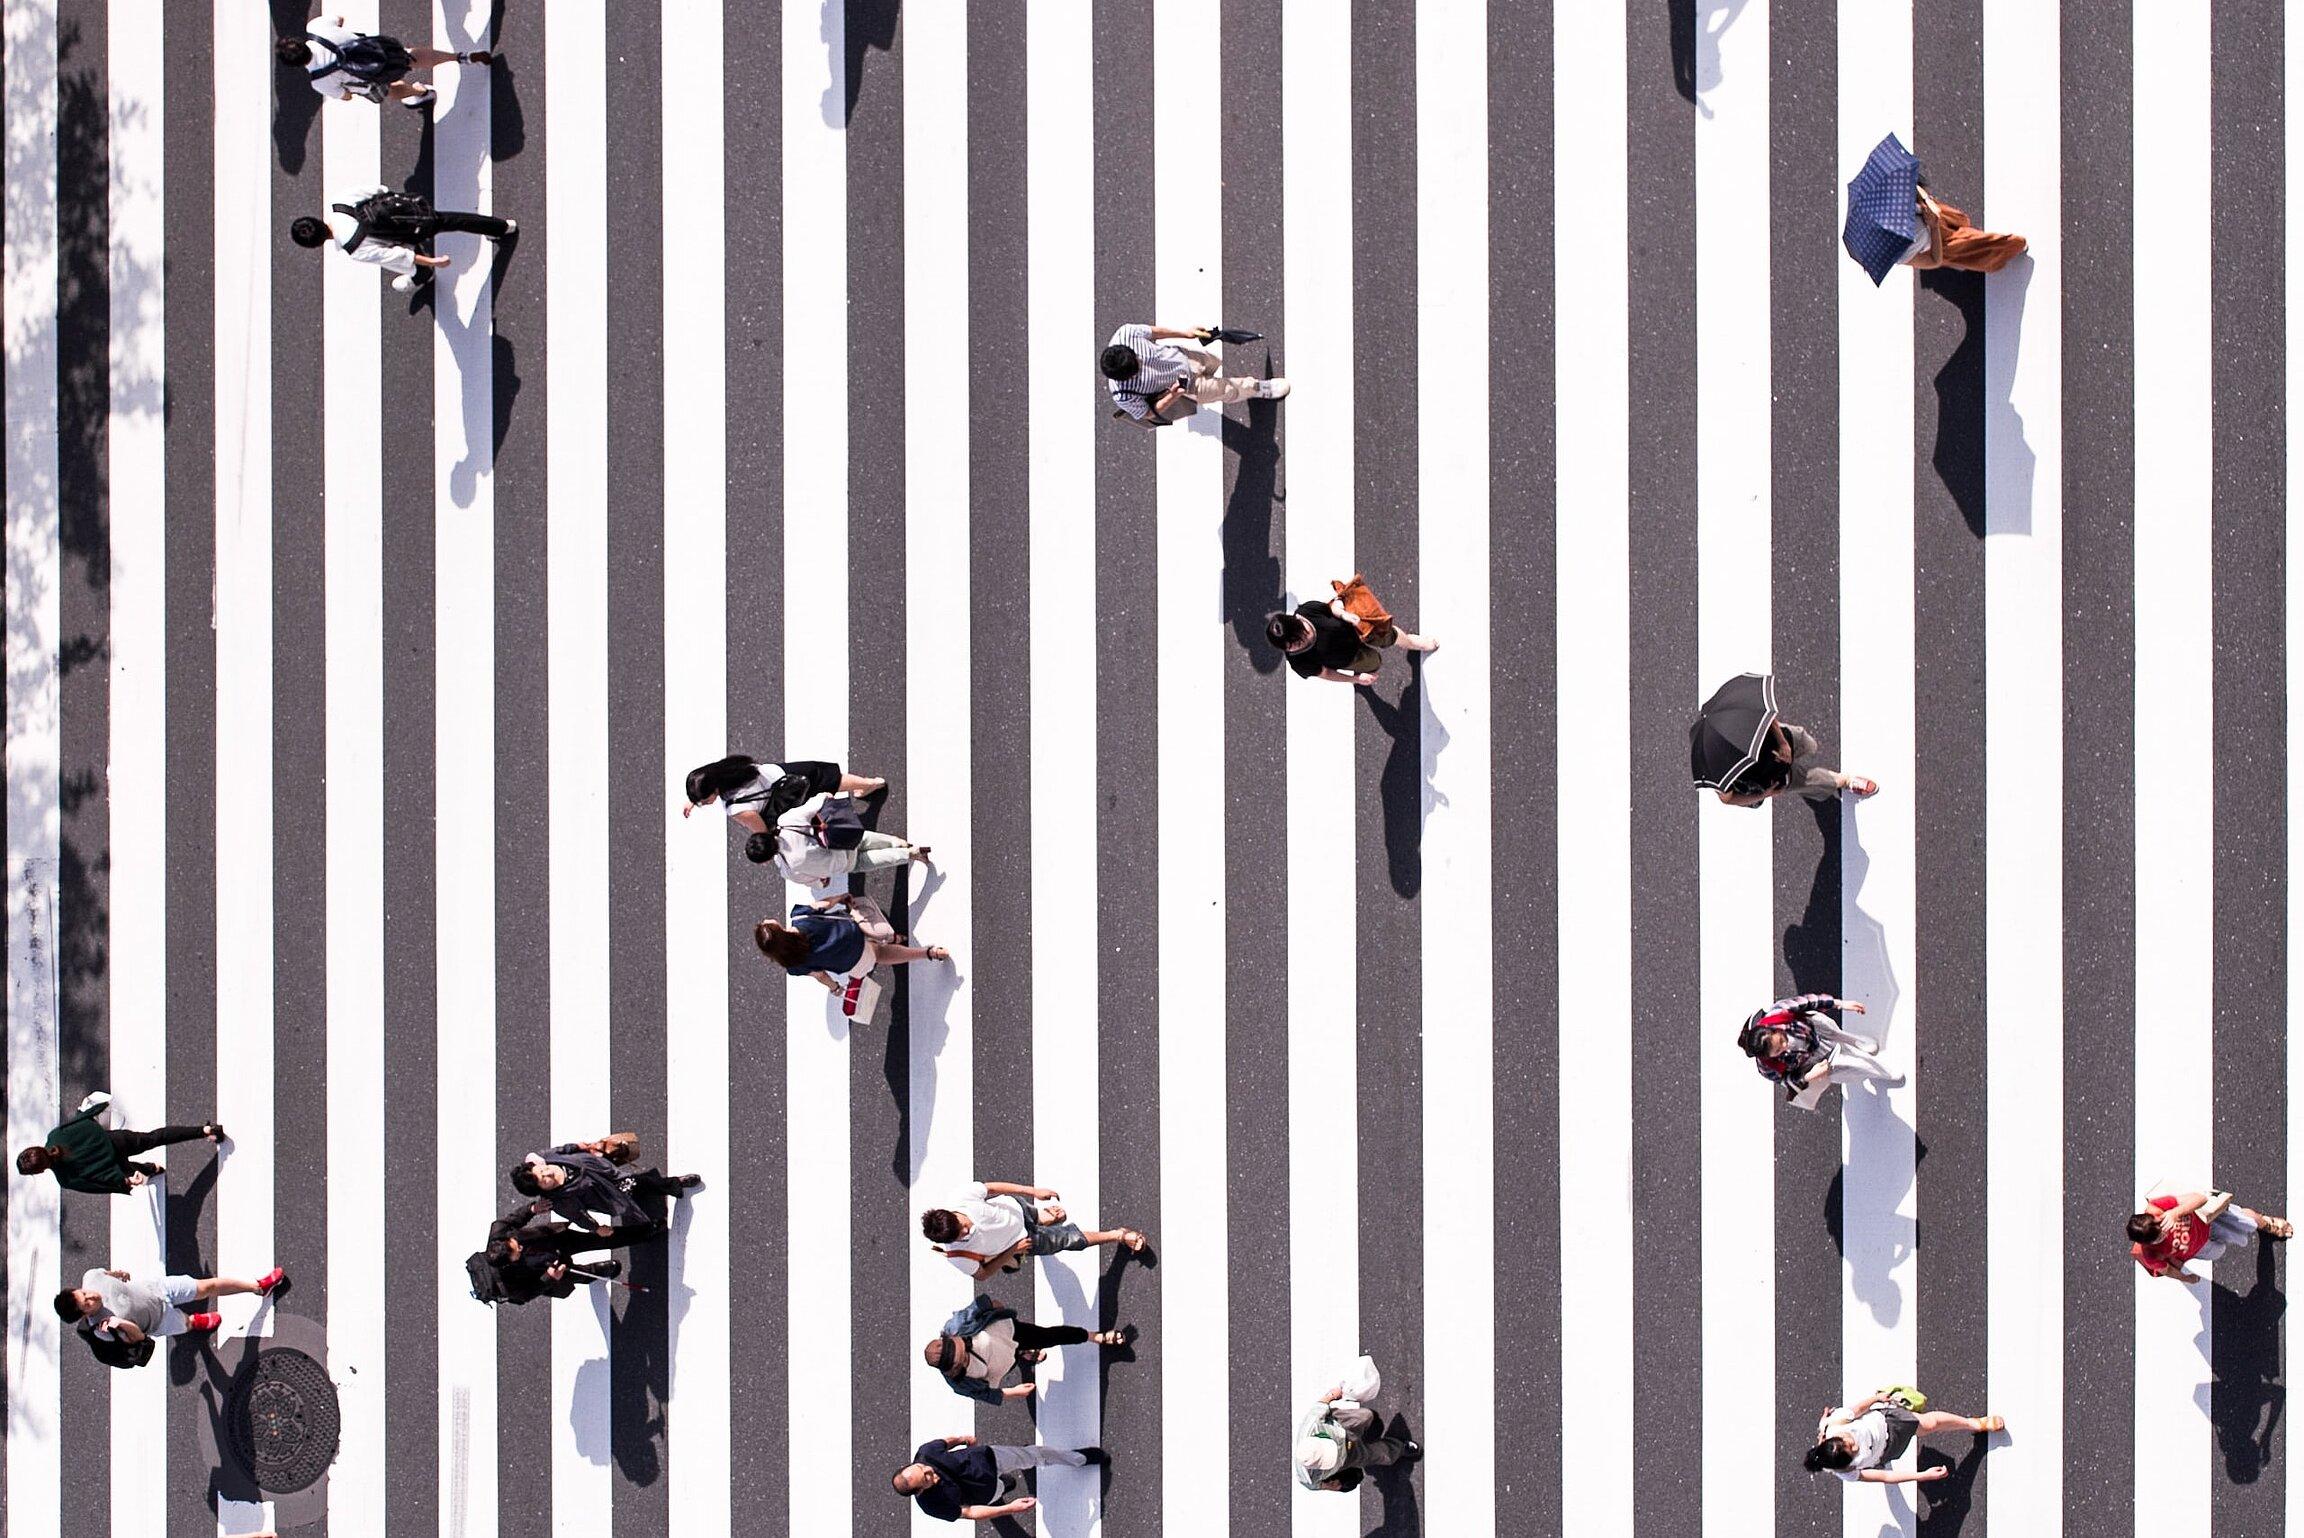 Menschen auf einem Zebrastreifen aus der Vogelperspektive fotografiert.